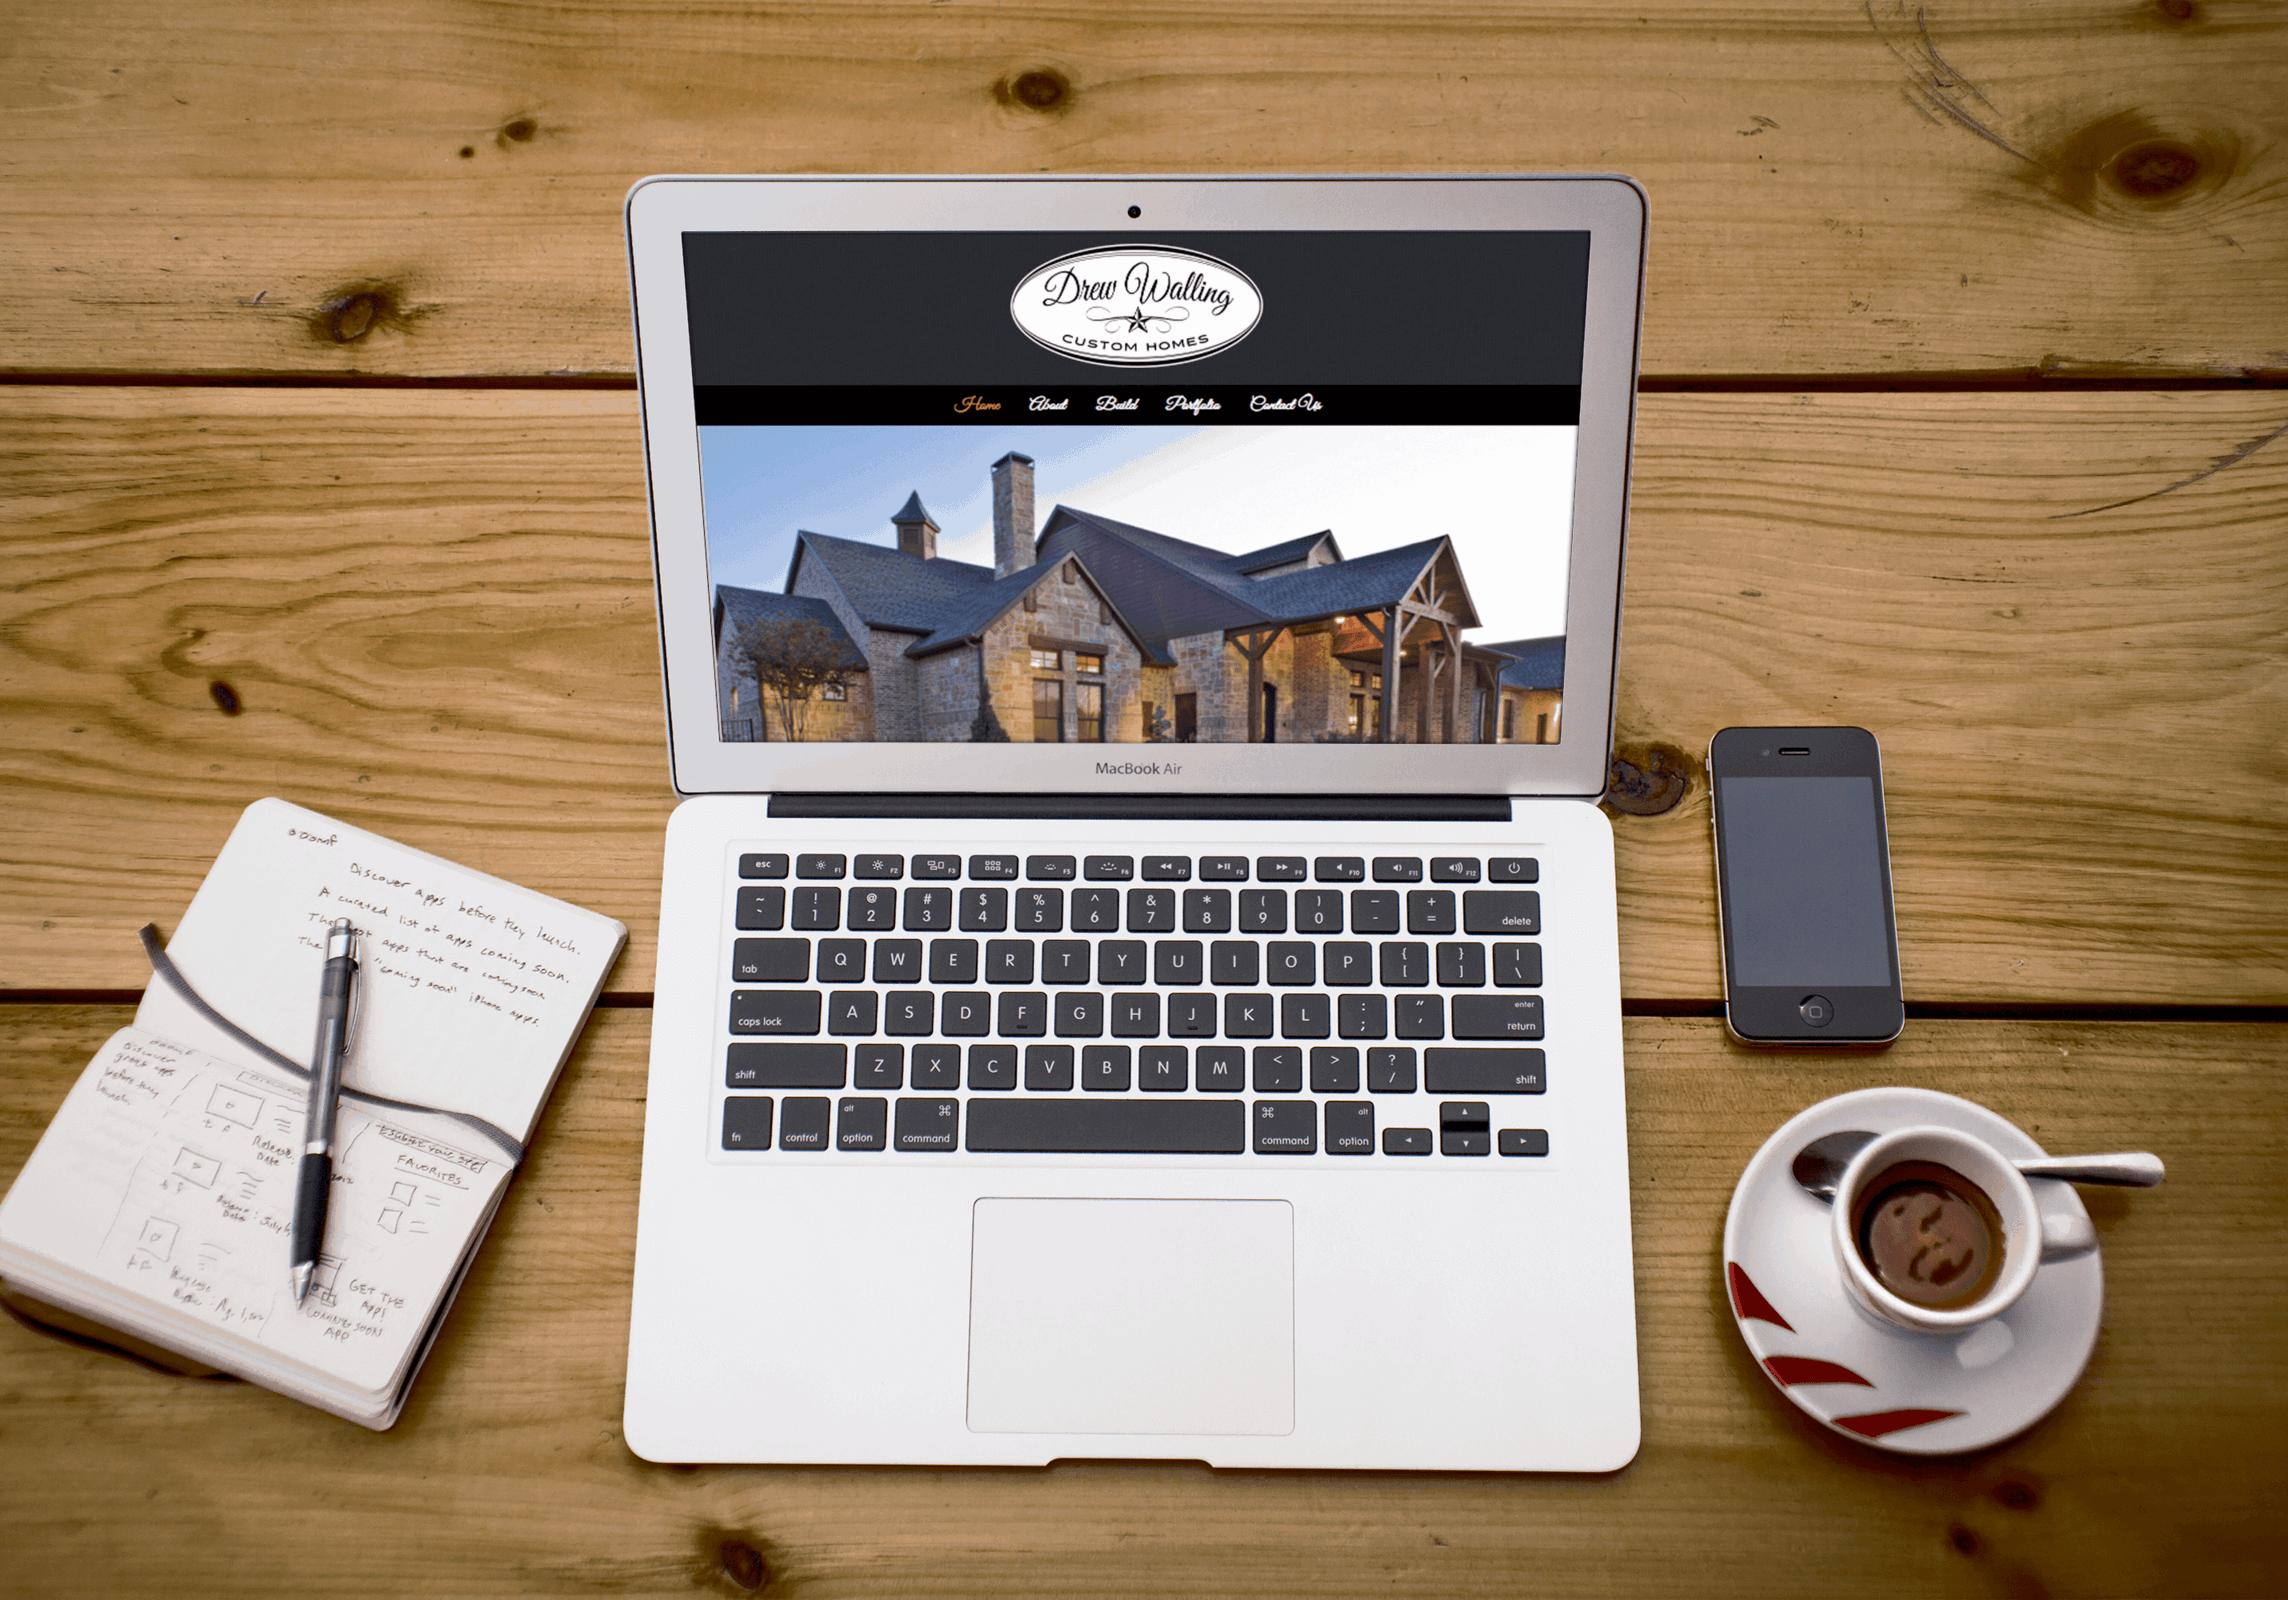 drew walling custom homes website